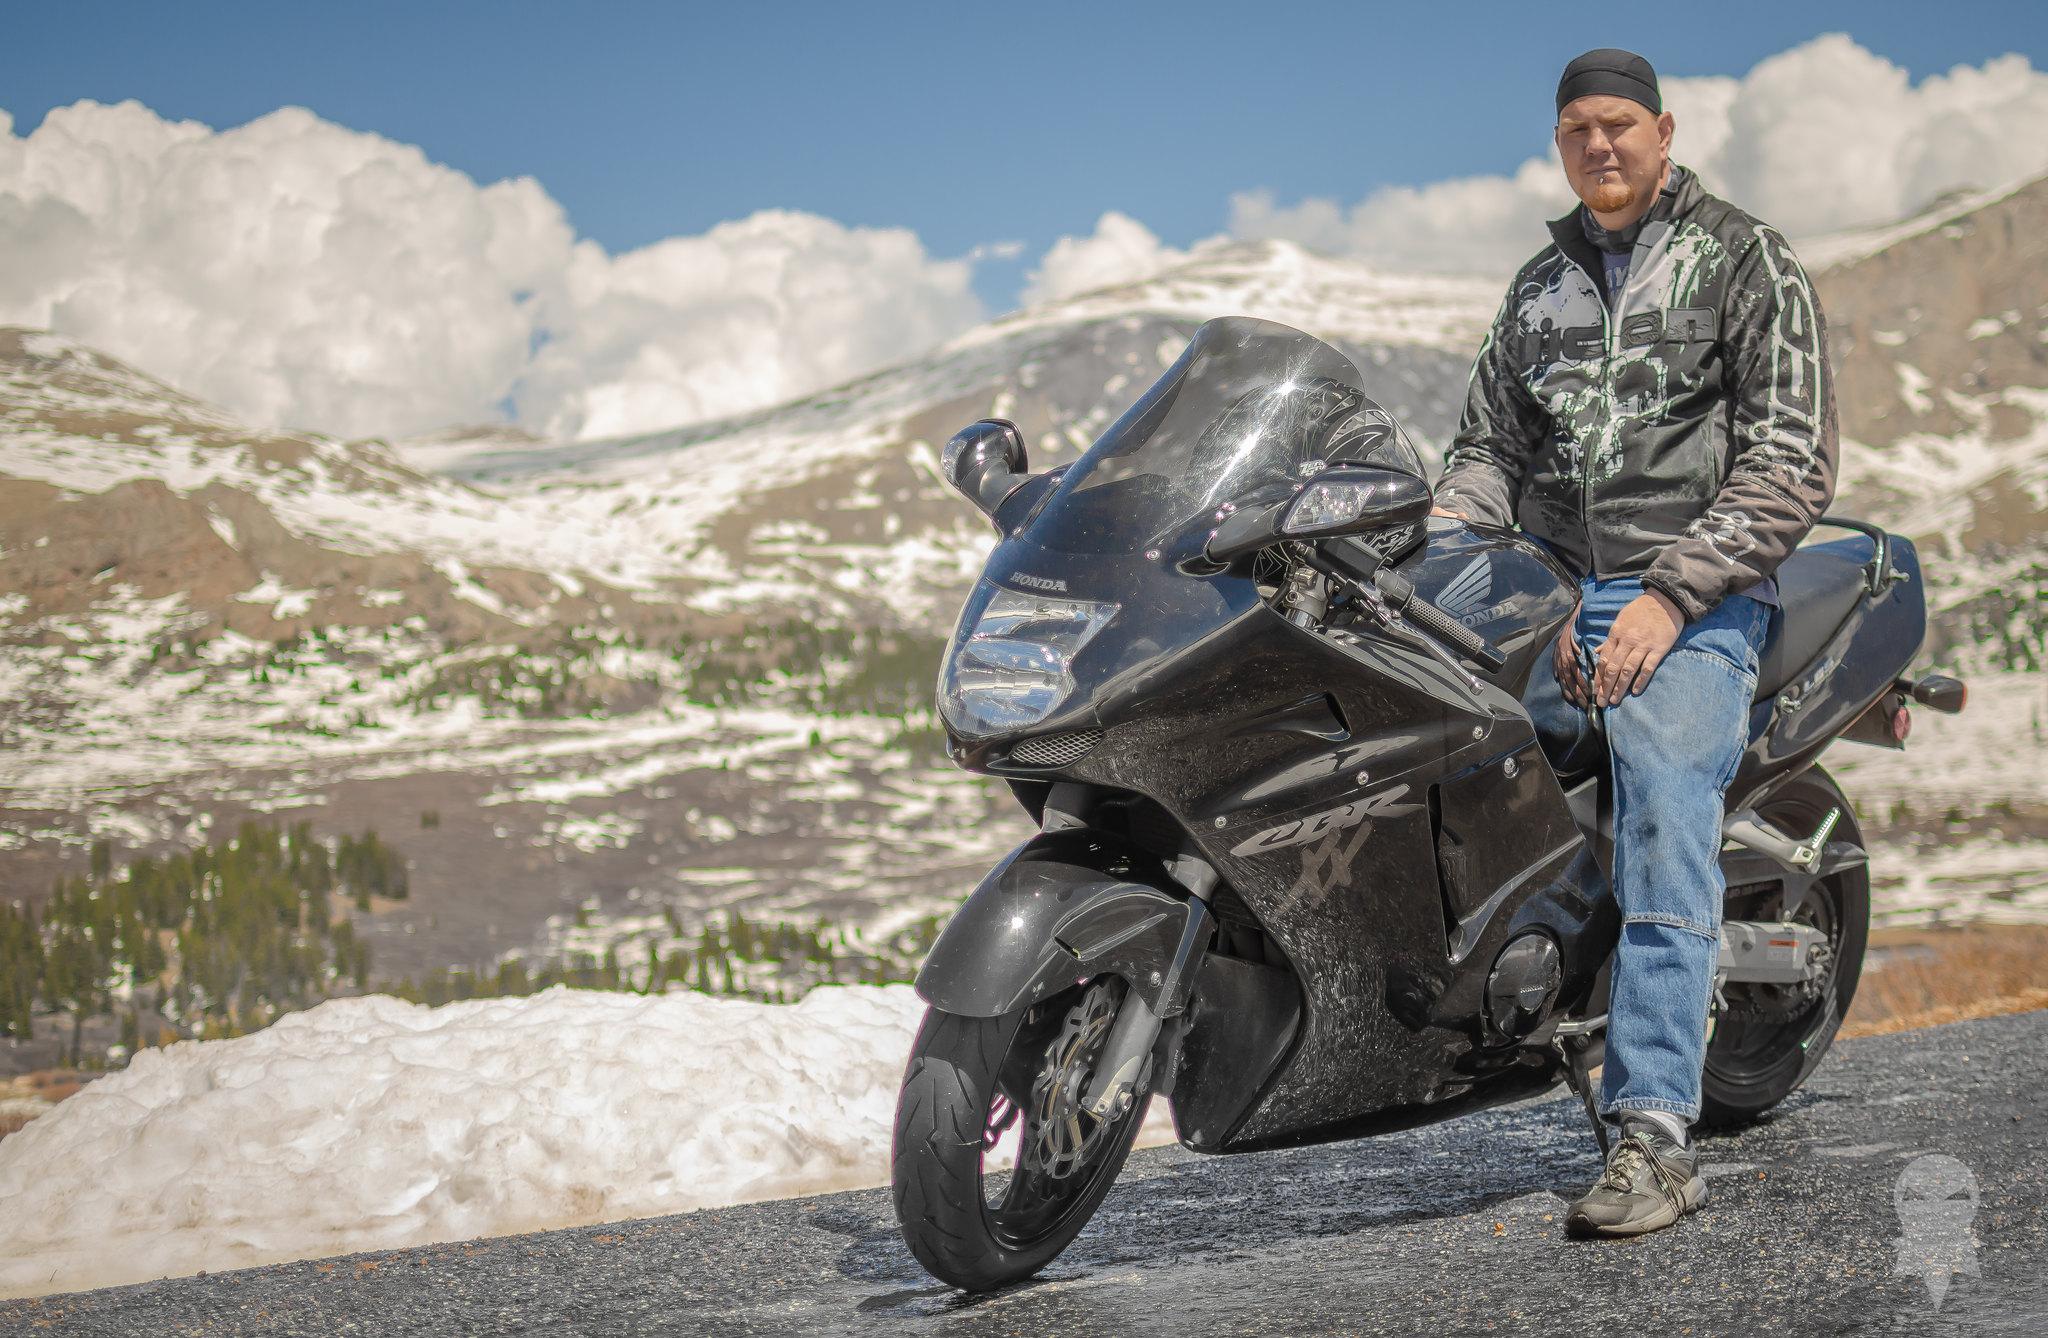 FSTOP Ride | June 8, 2019 | beardinthewind.com